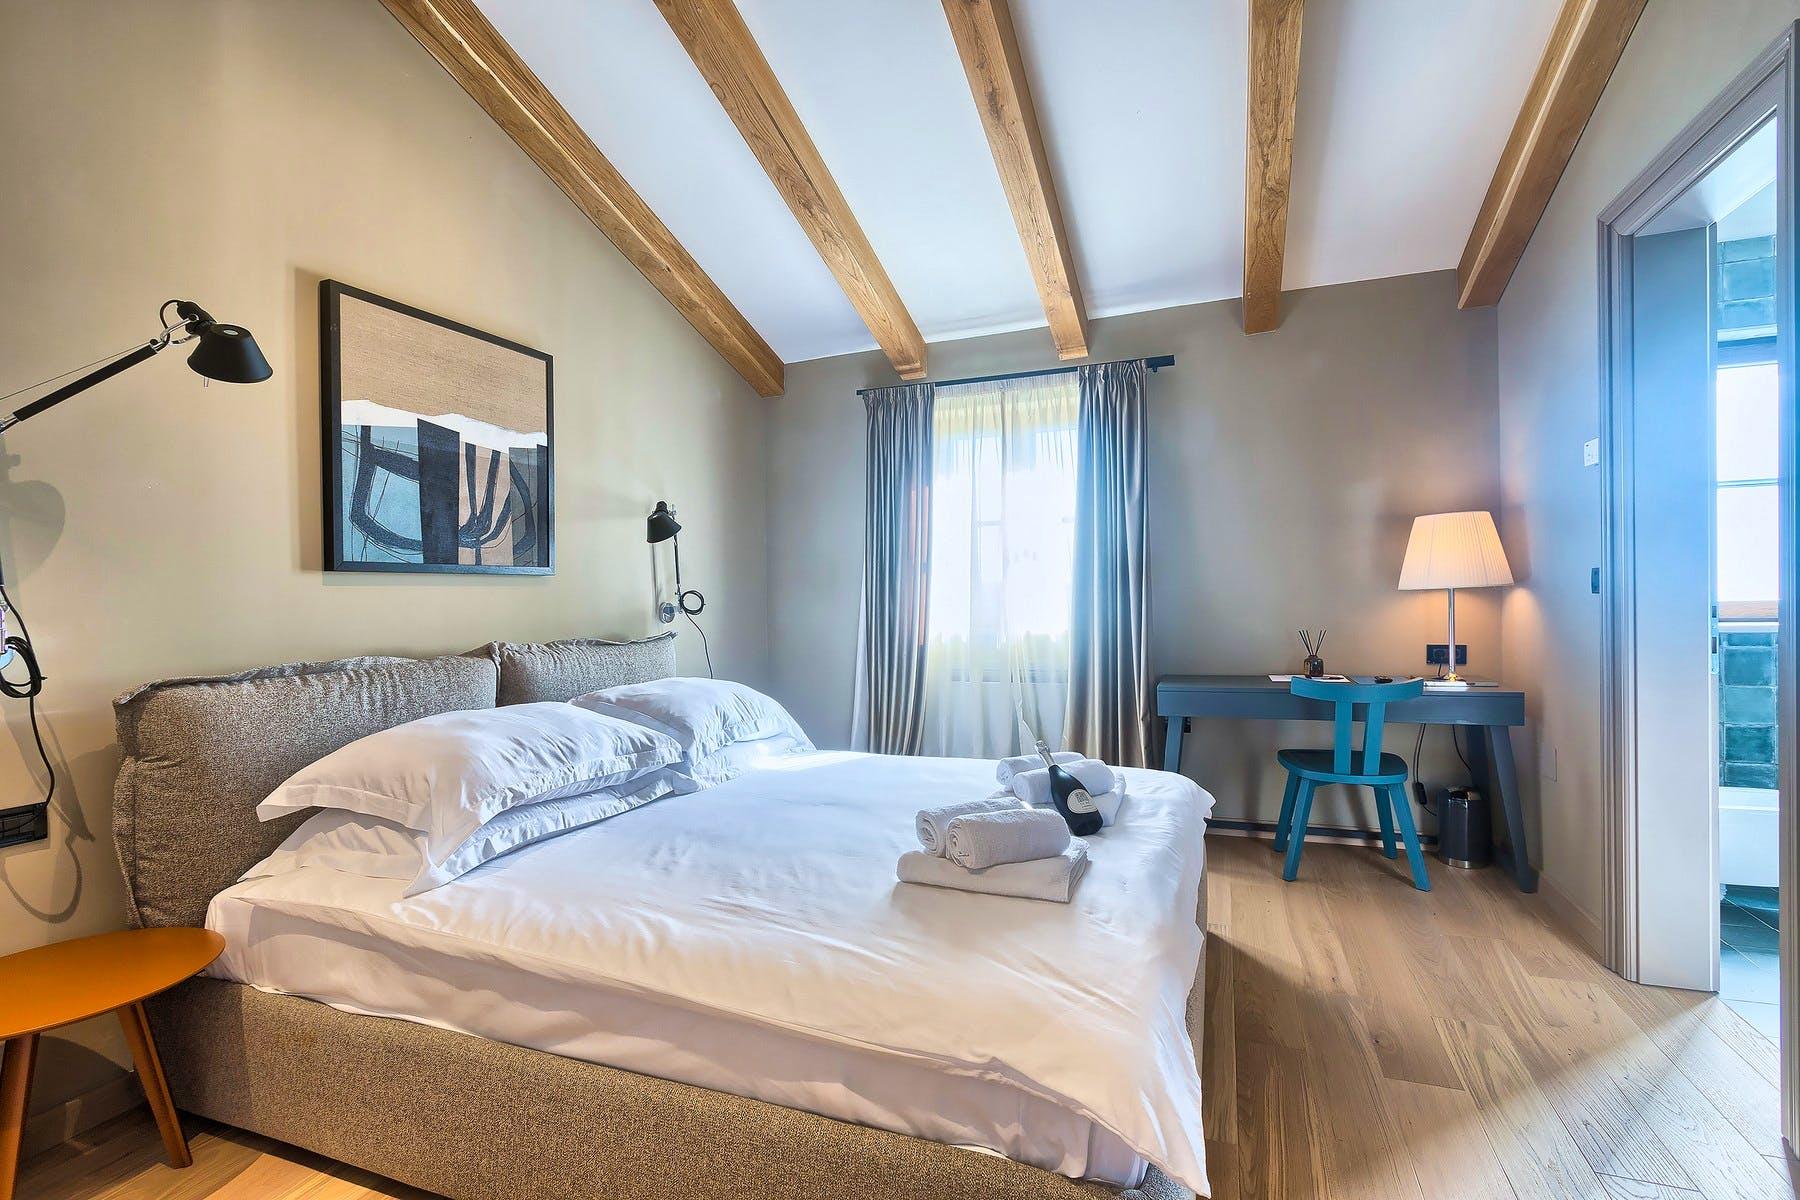 Stilska spavaća soba na gornjoj etaži